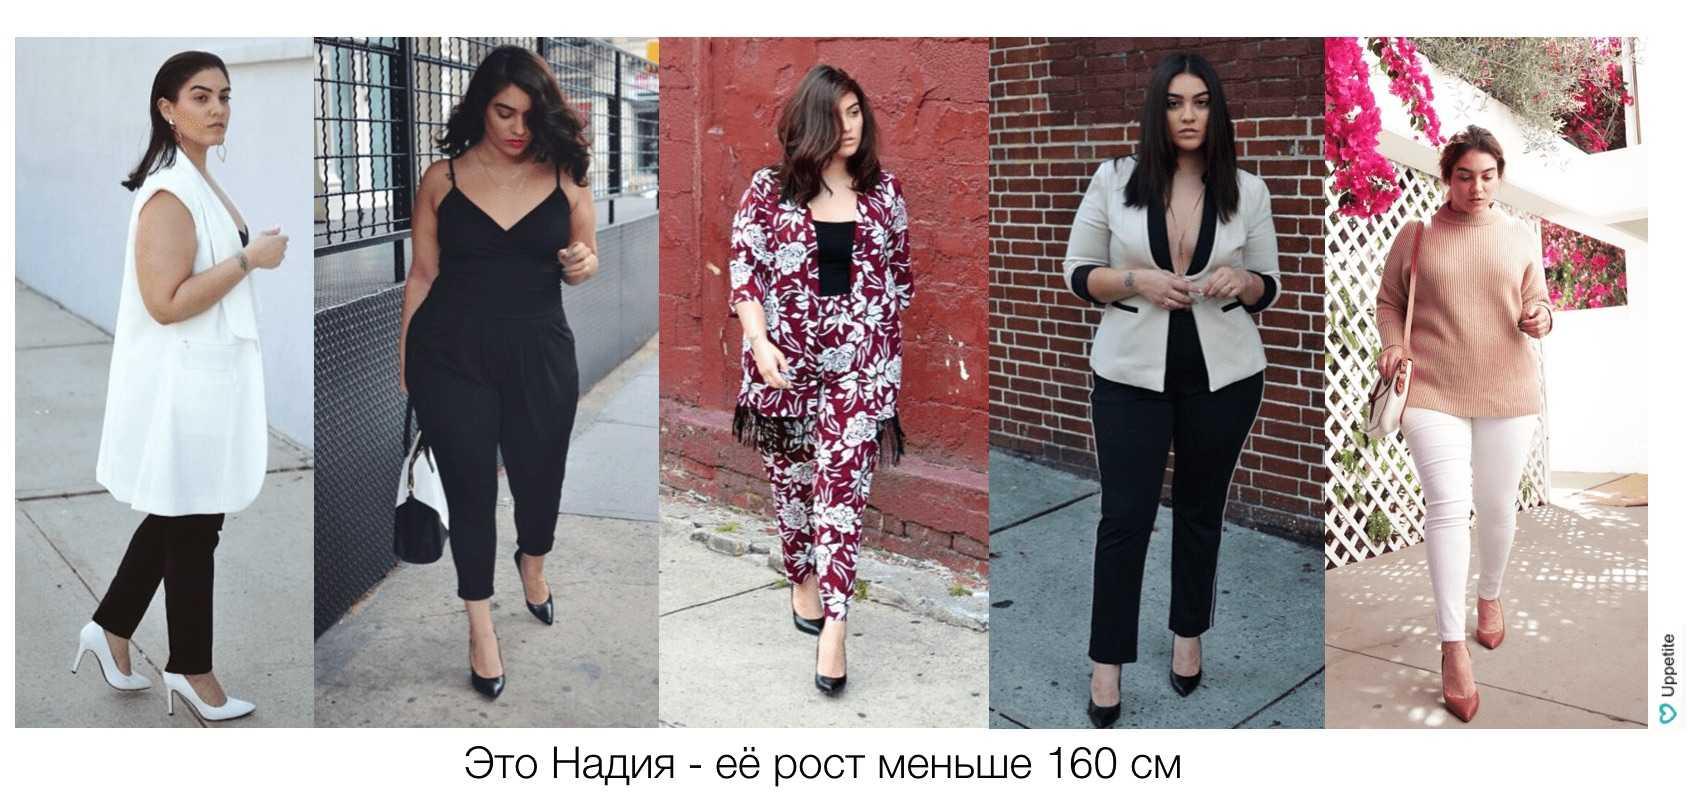 Фасон брюк для невысоких женщин: какие выбрать и где купить?